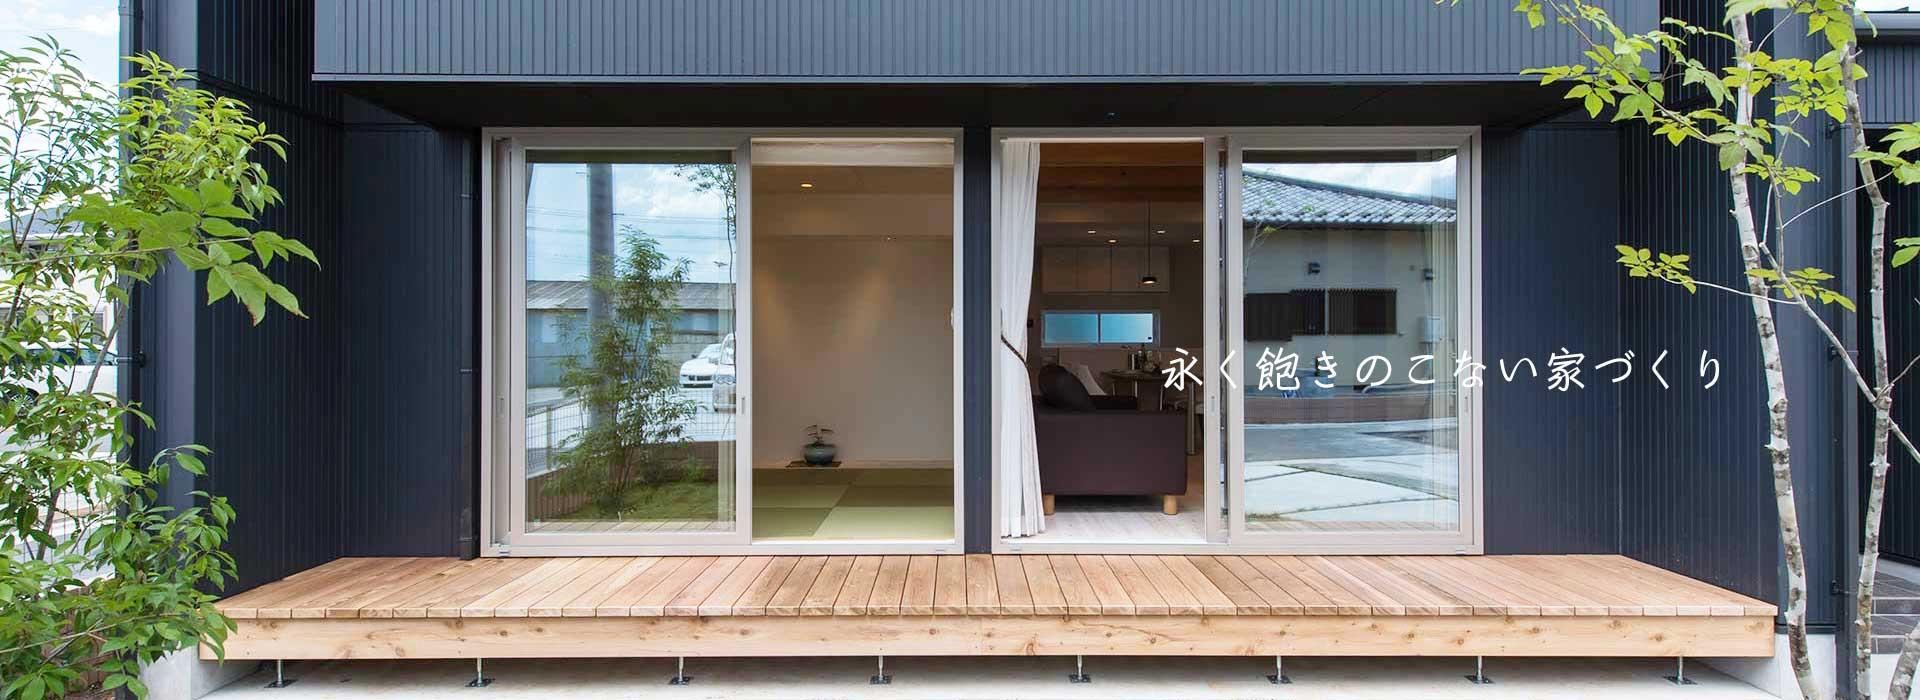 永く飽きのこない家づくり | 八戸の新築 グリーンホームズ